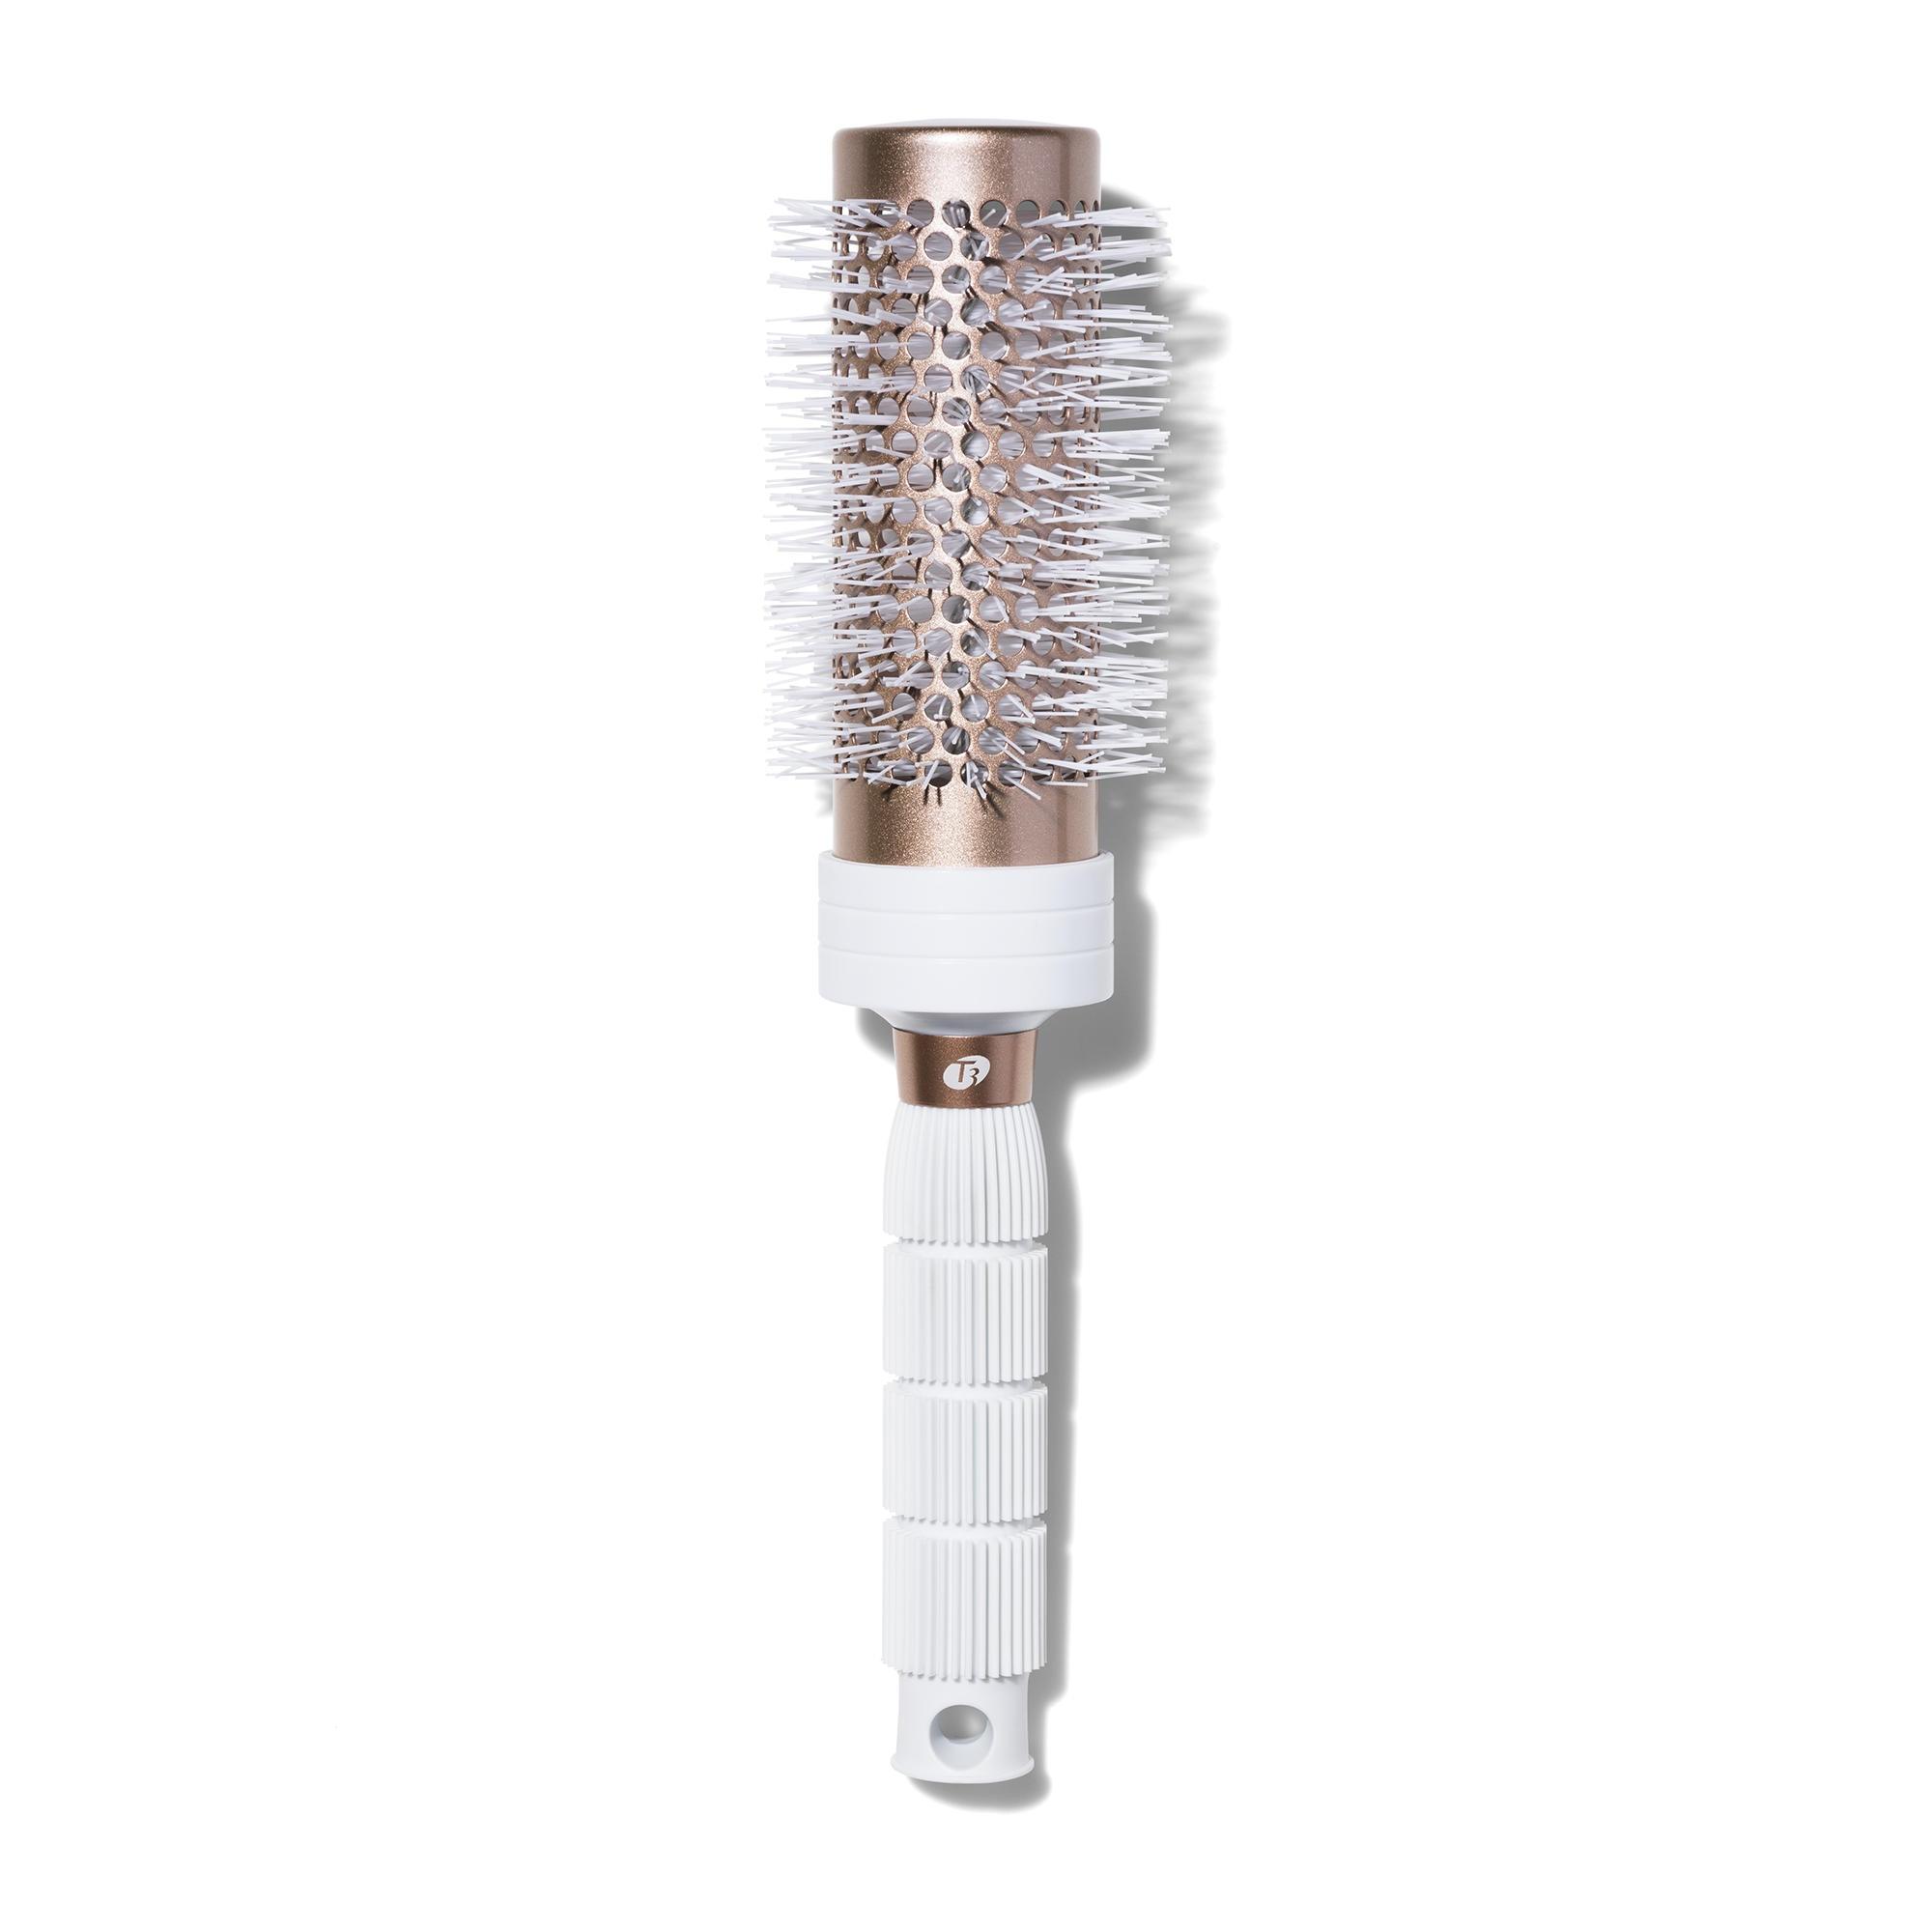 """Bürste aus keramikbeschichtetem Roségold-Aluminium:""""Volume Round Brush 2.5""""von T3, ca. 35 Euro, (niche-beauty.com)"""